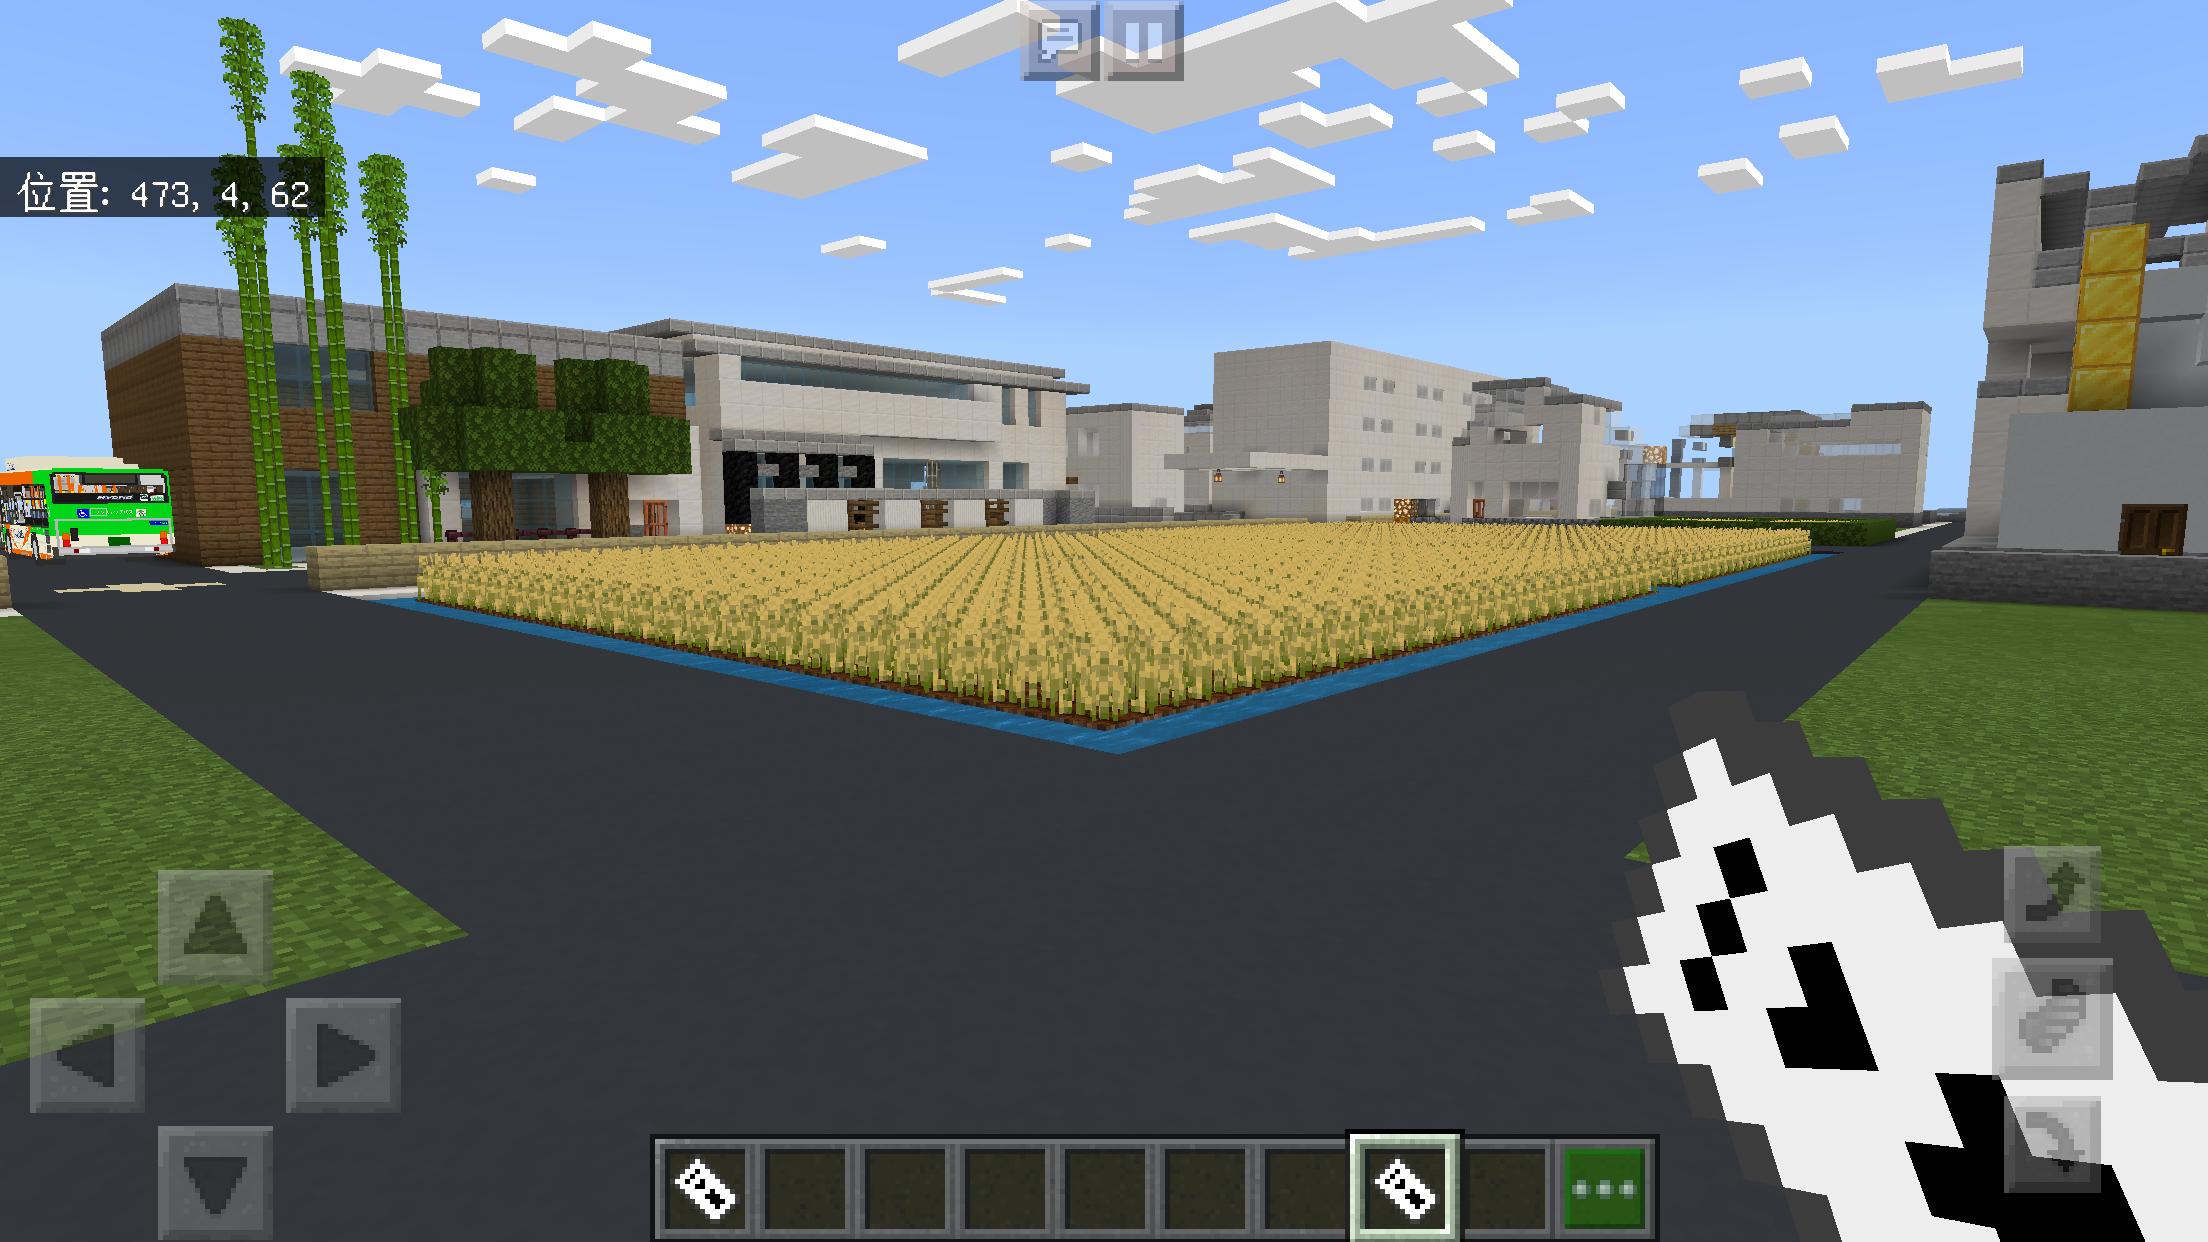 f:id:Minecraftkun:20200301153408p:image